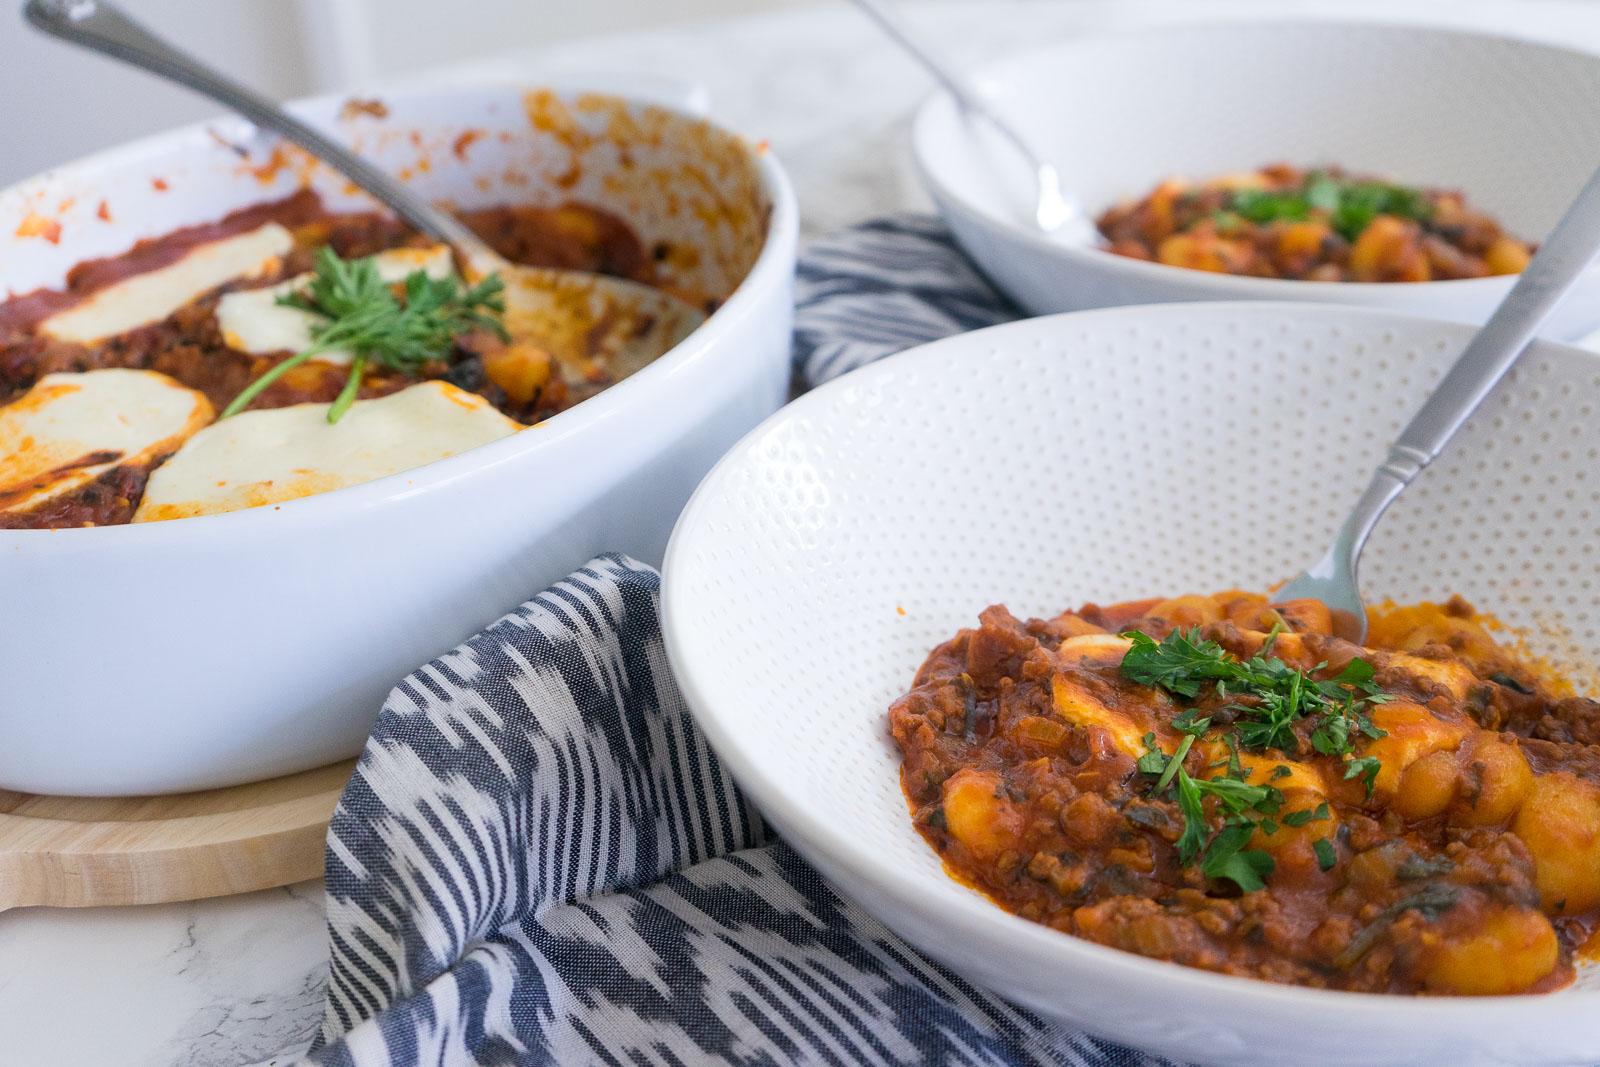 gnoochi-bake-recipe-casa-de-fallon-recipe-16.jpg